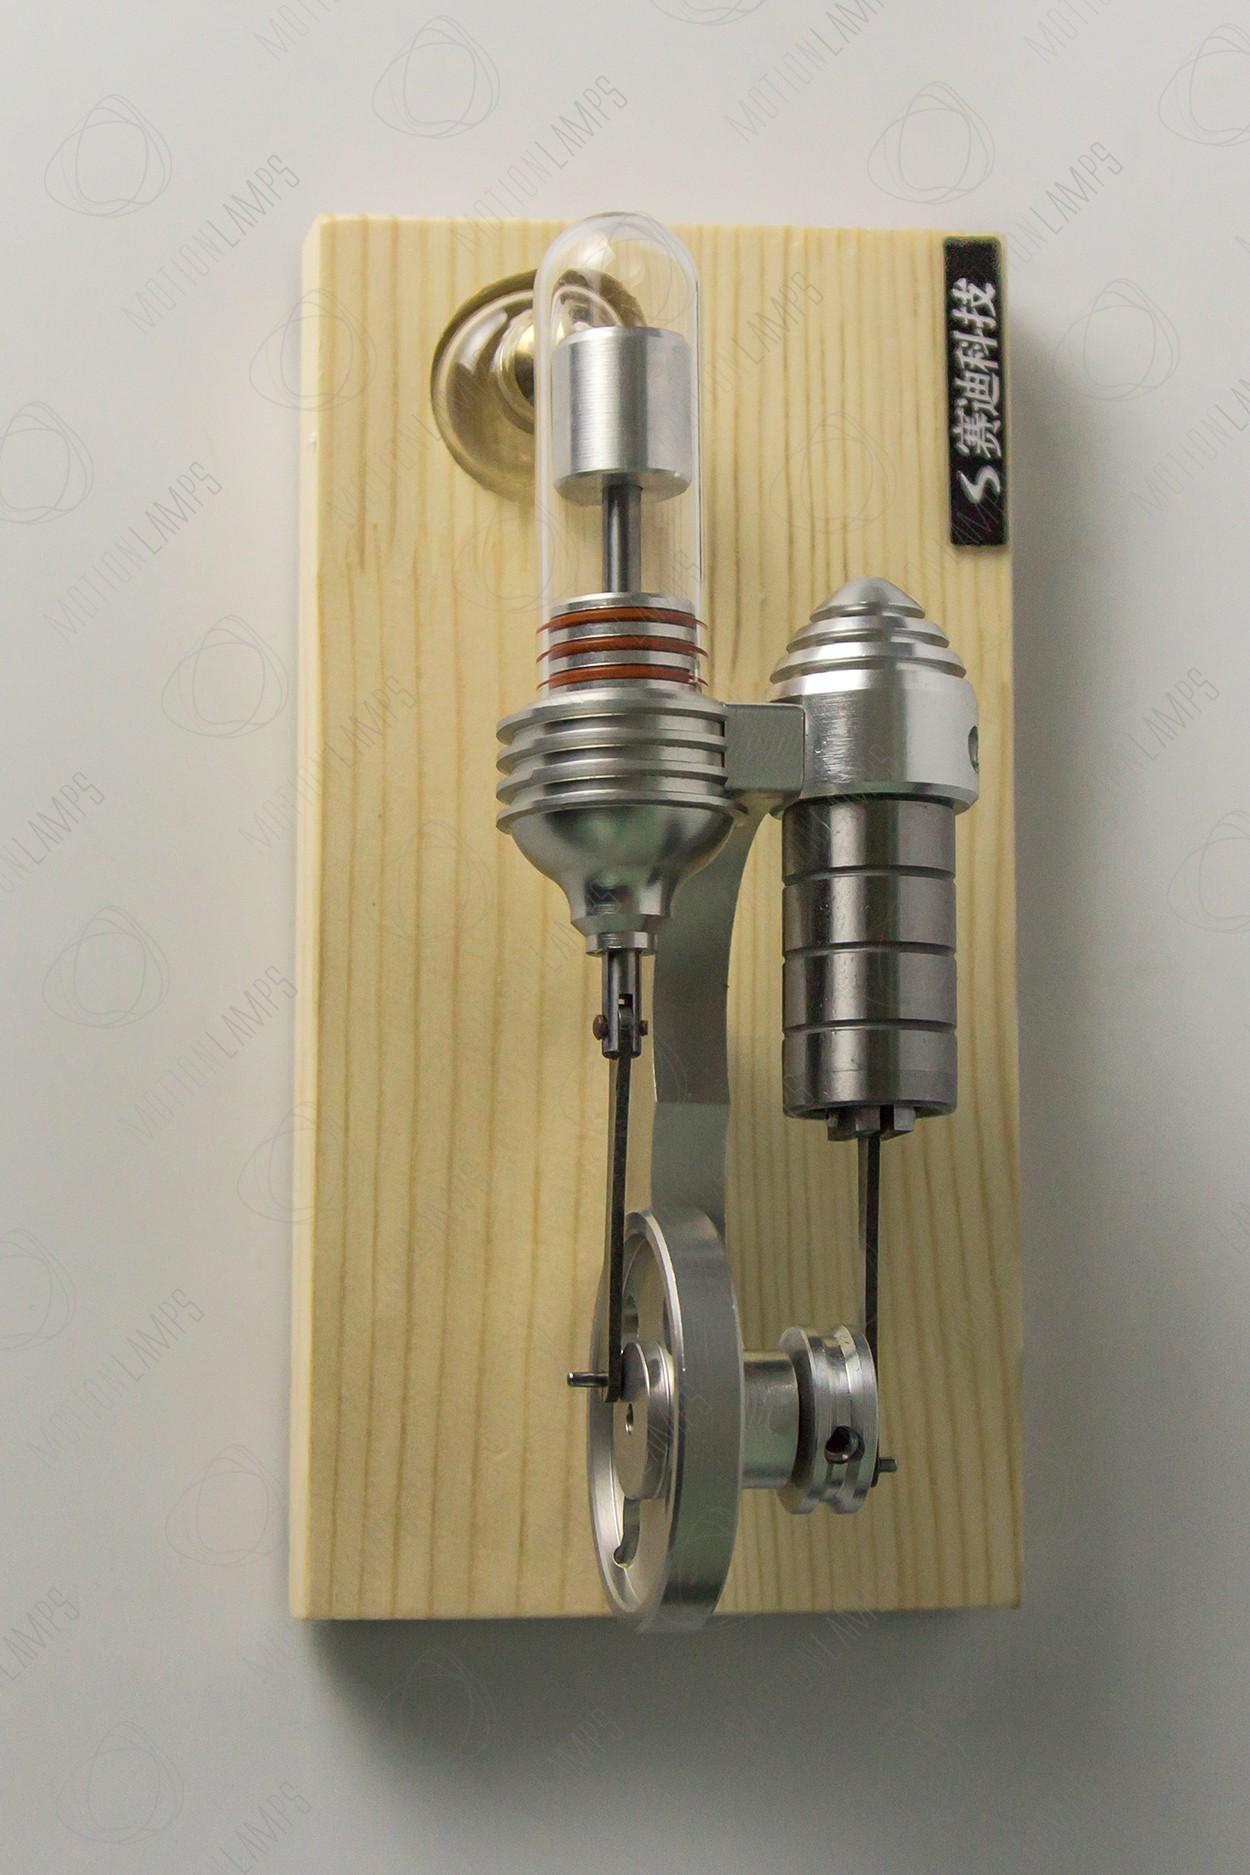 Двигатель Стирлинга на деревянной подставке - 3